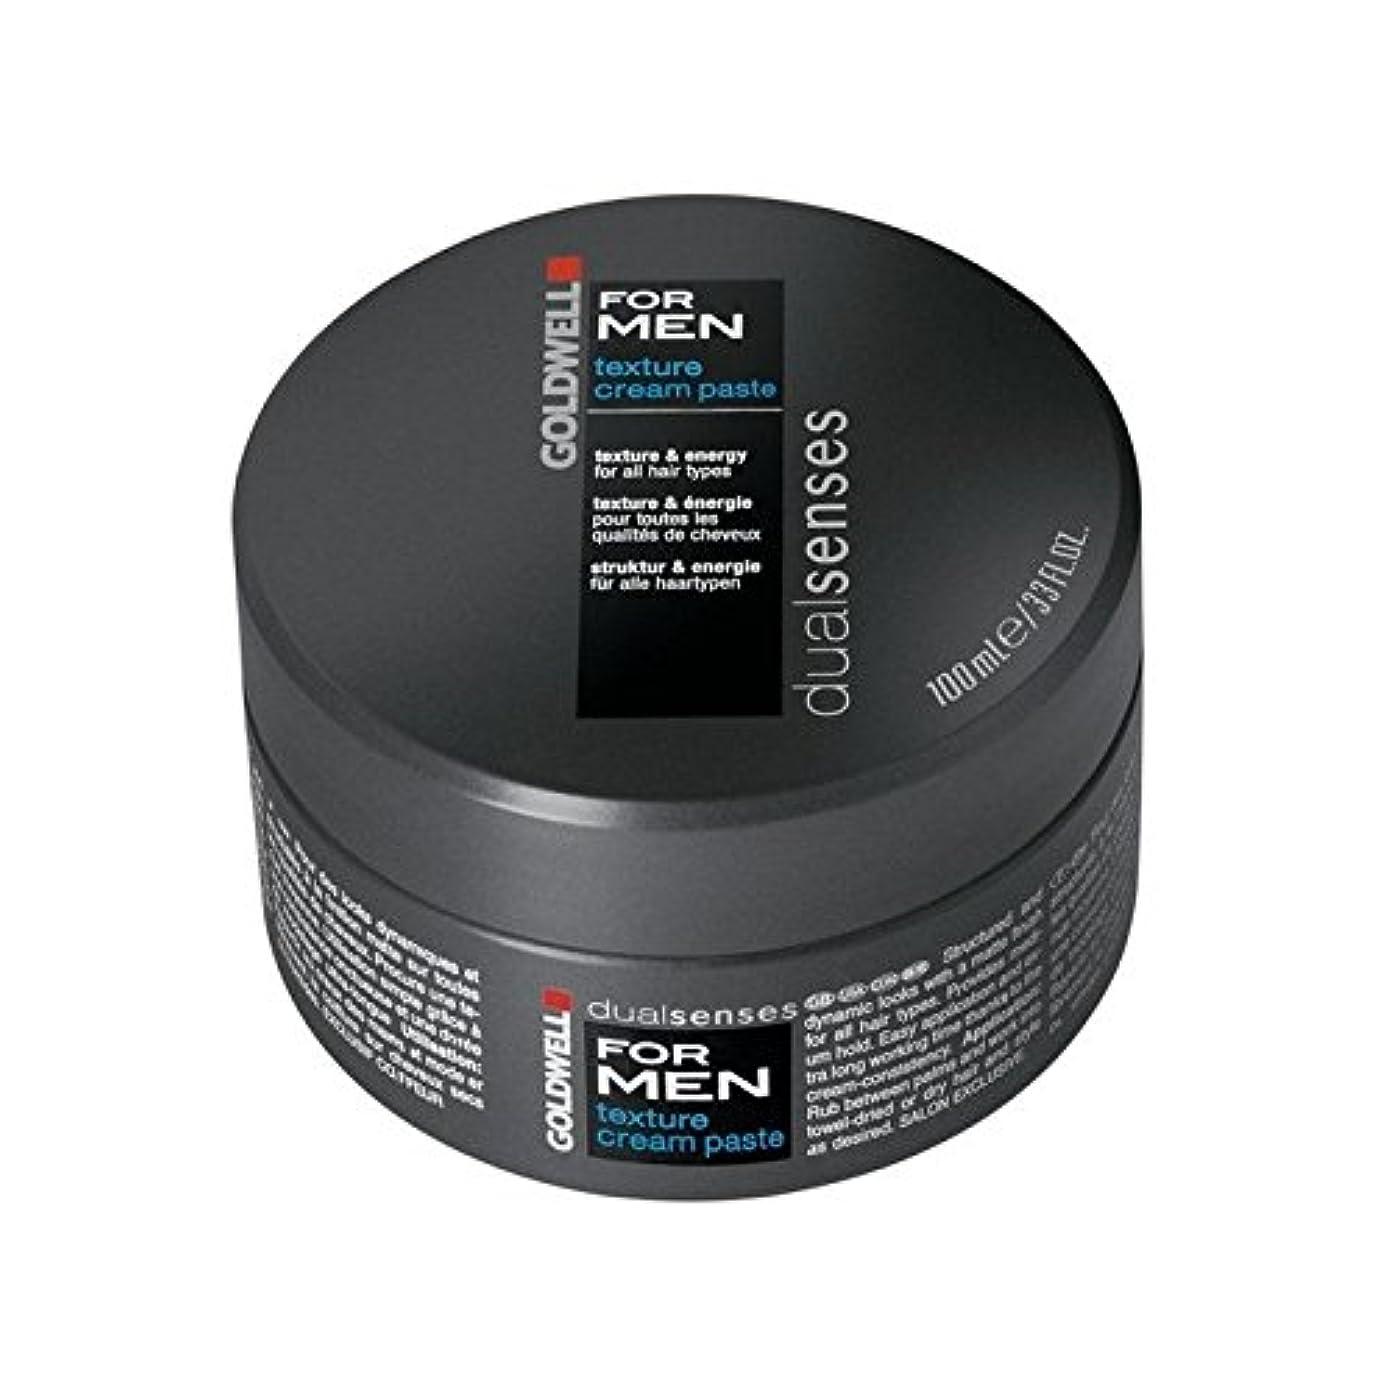 残酷害リファイン男性のテクスチャーのクリームペースト(100ミリリットル)のためのの x2 - Goldwell Dualsenses For Men Texture Cream Paste (100ml) (Pack of 2) [並行輸入品]